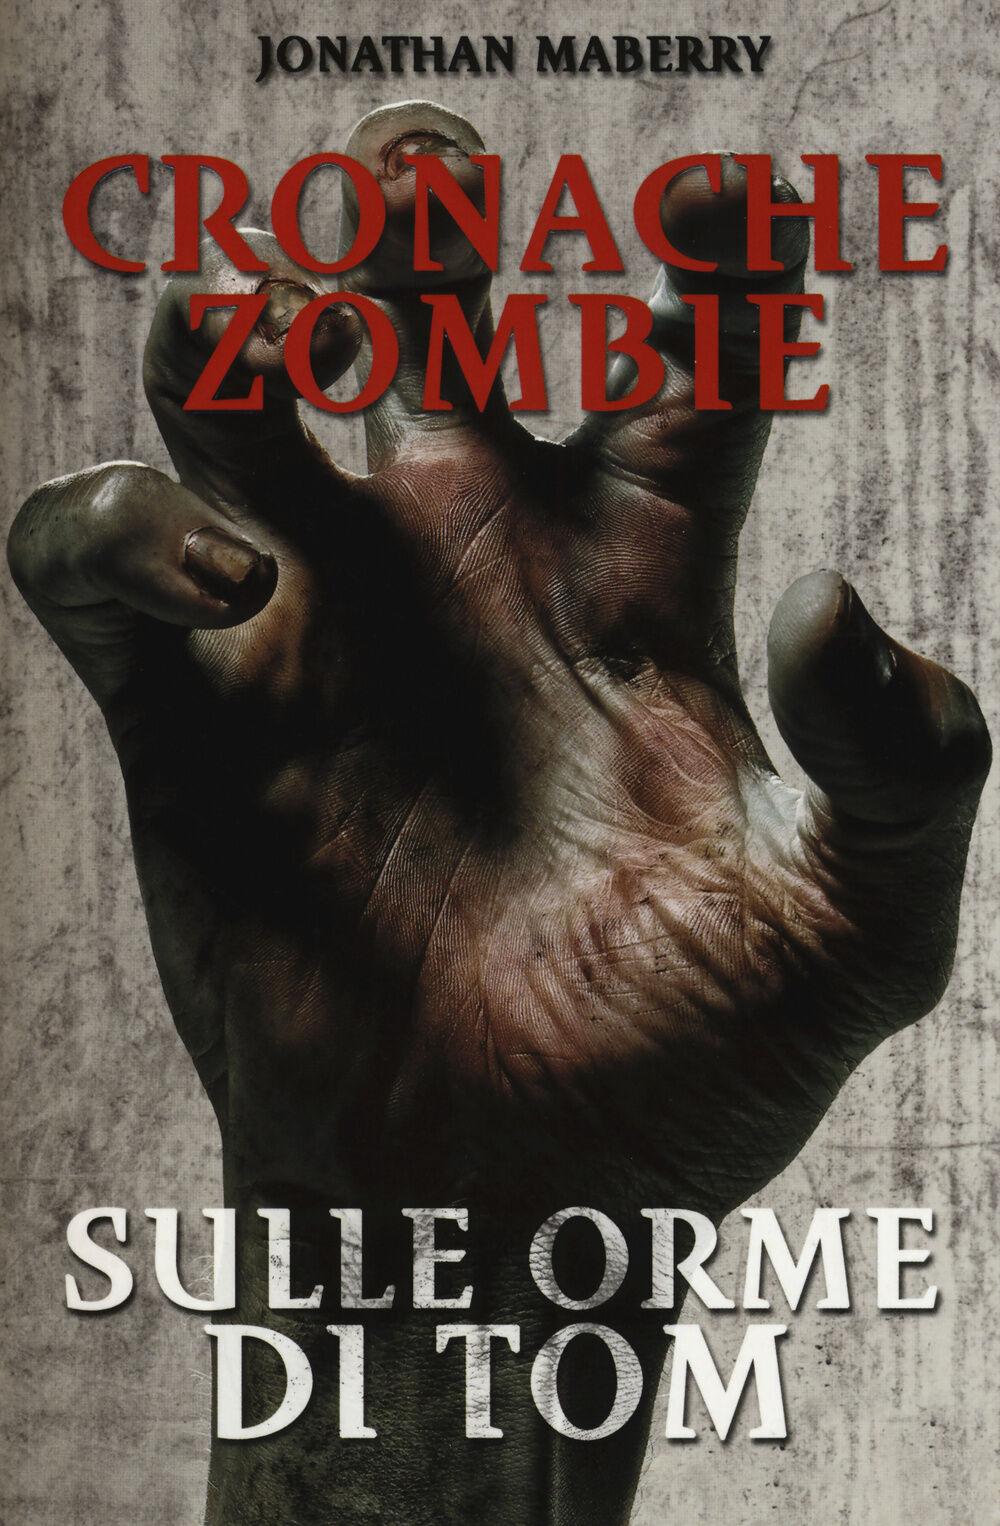 Sulle orme di Tom. Cronache zombie. Vol. 3